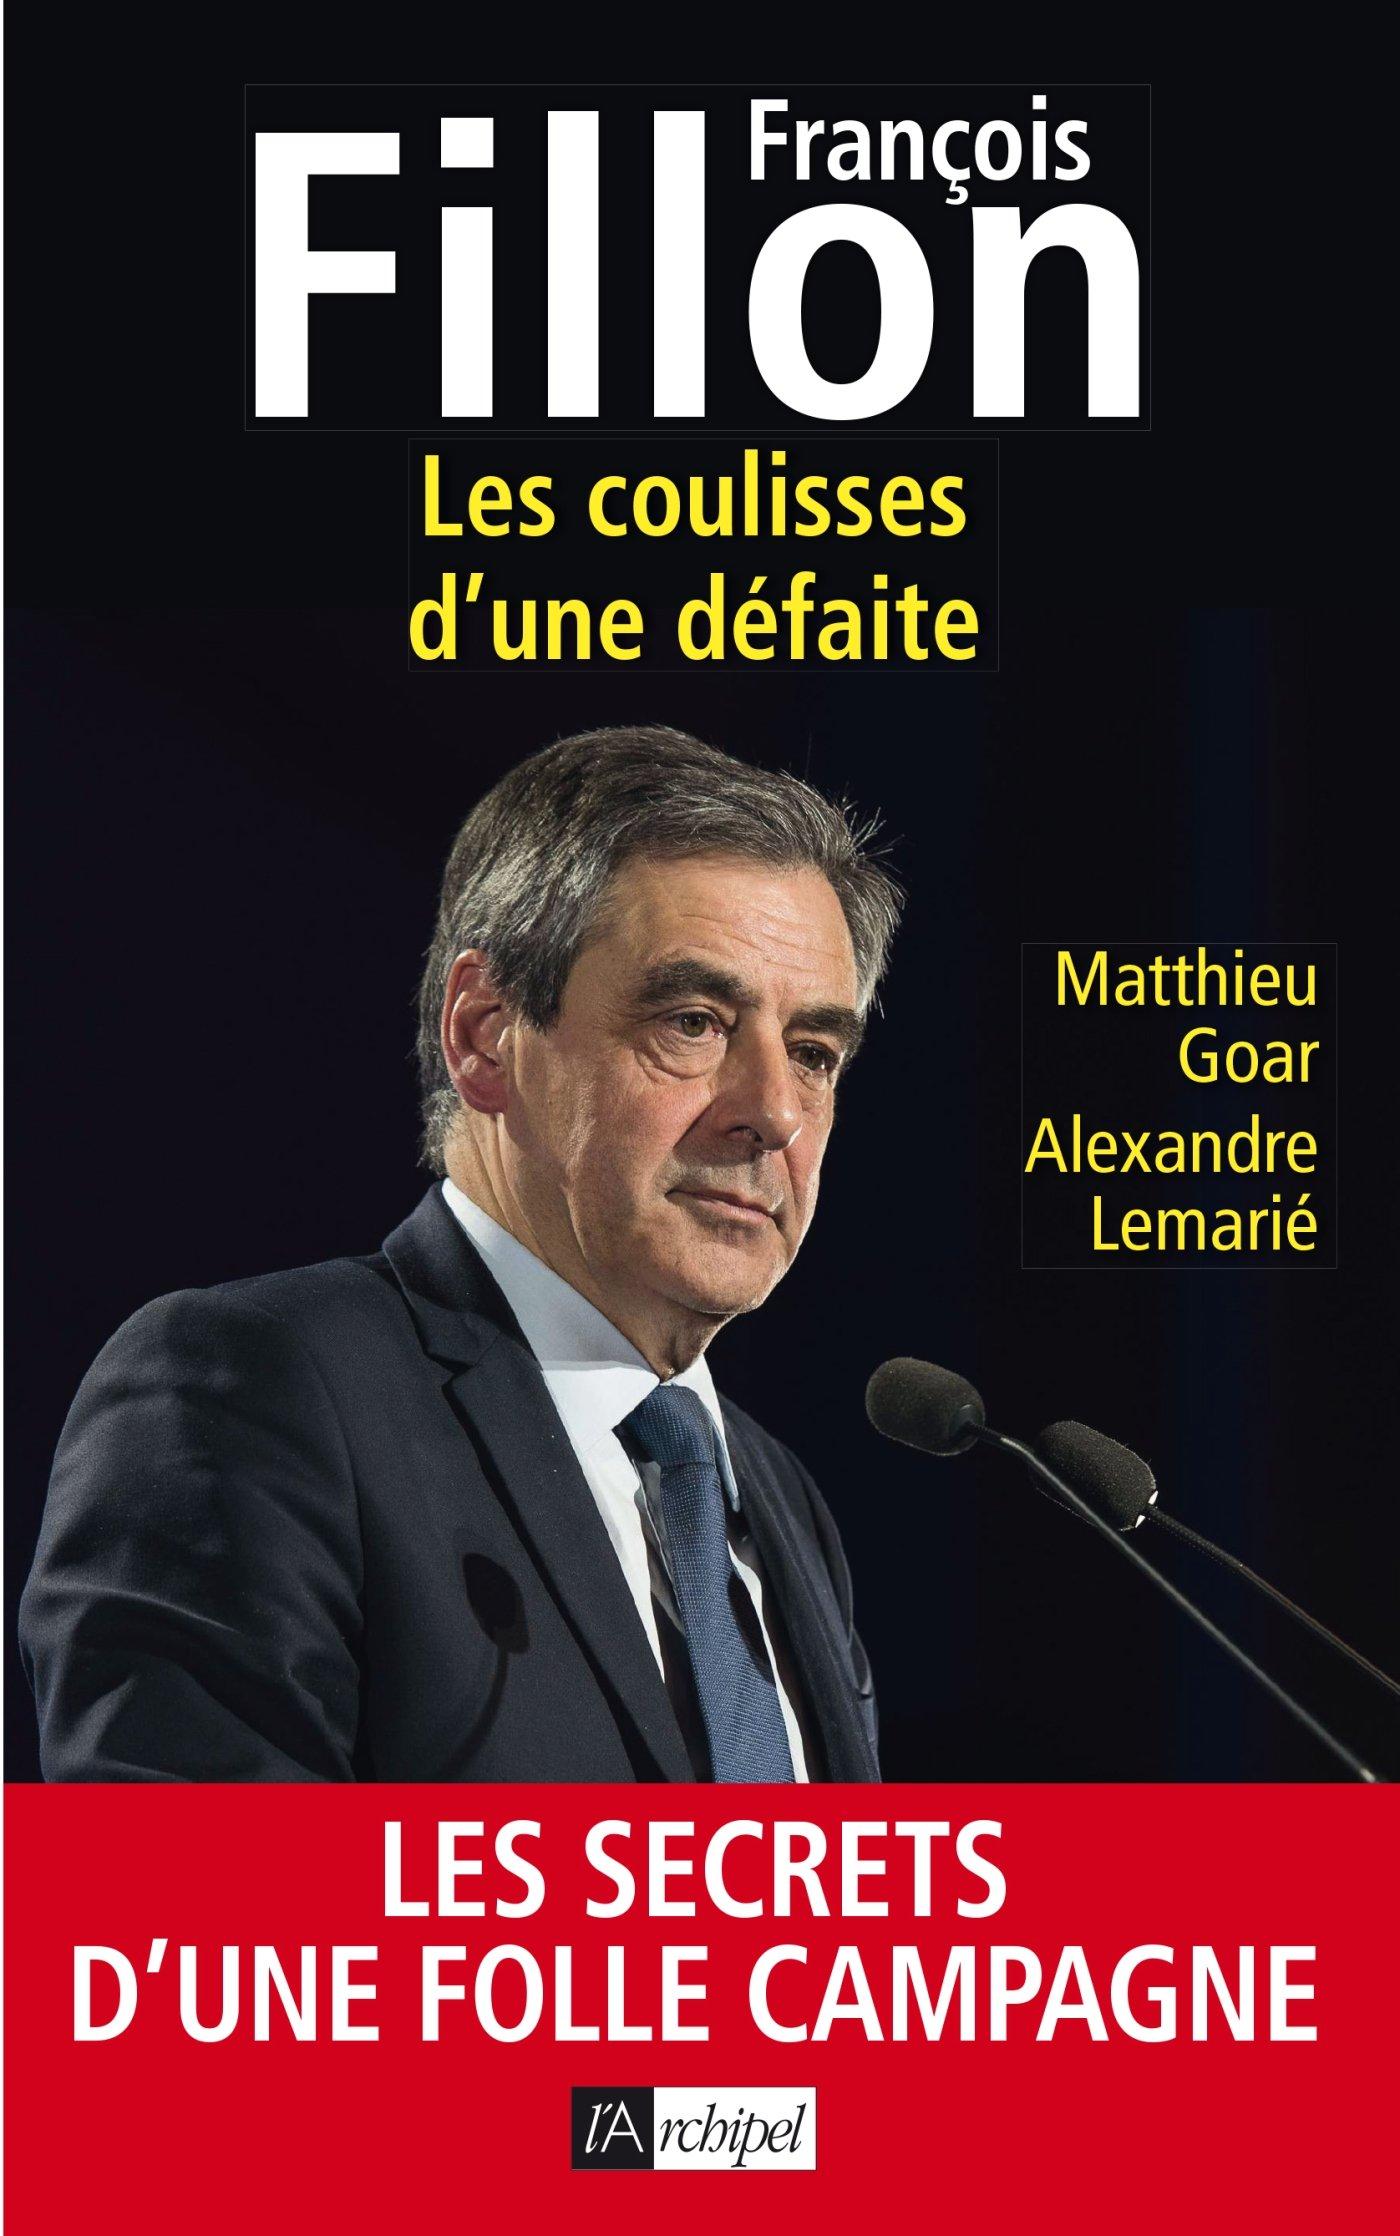 François Fillon: Les coulisses d'une défaite Broché – 10 mai 2017 Matthieu Goar Alexandre Lemarié Archipel 2809822484